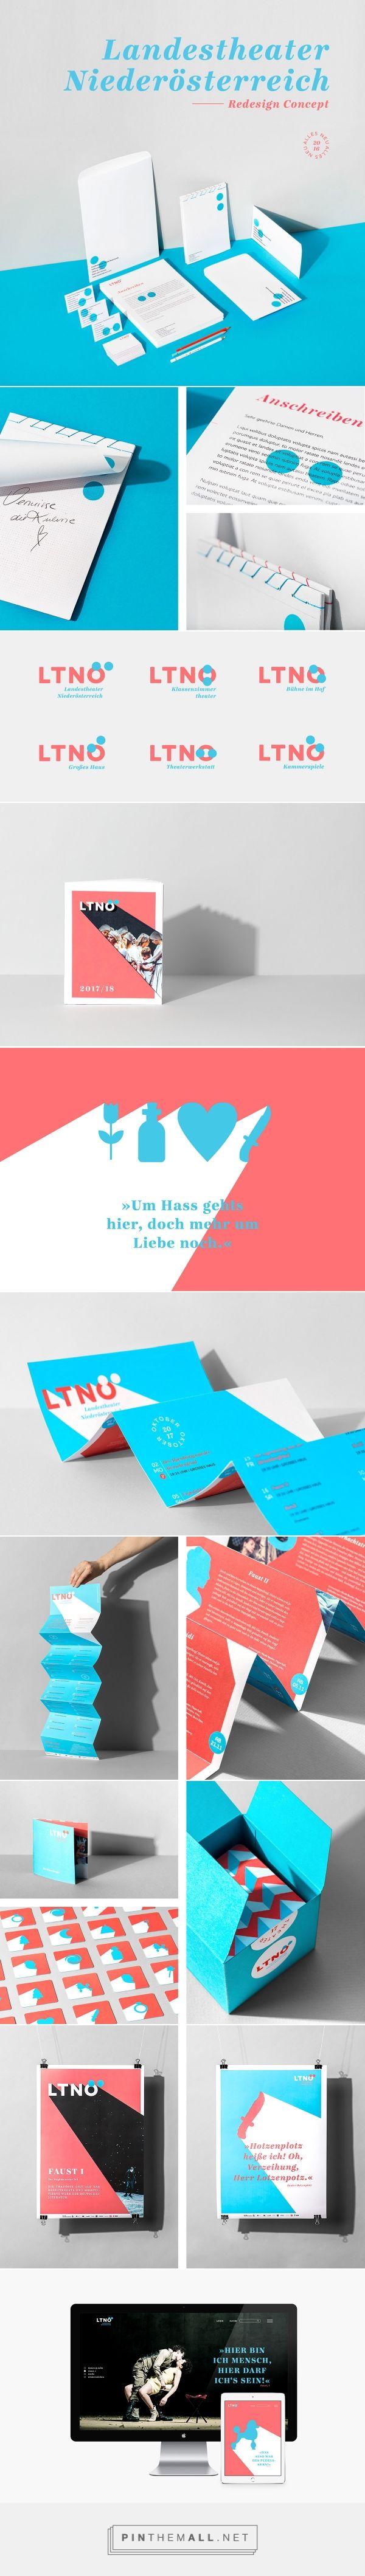 Landestheater Niederösterreich Redesign Concept